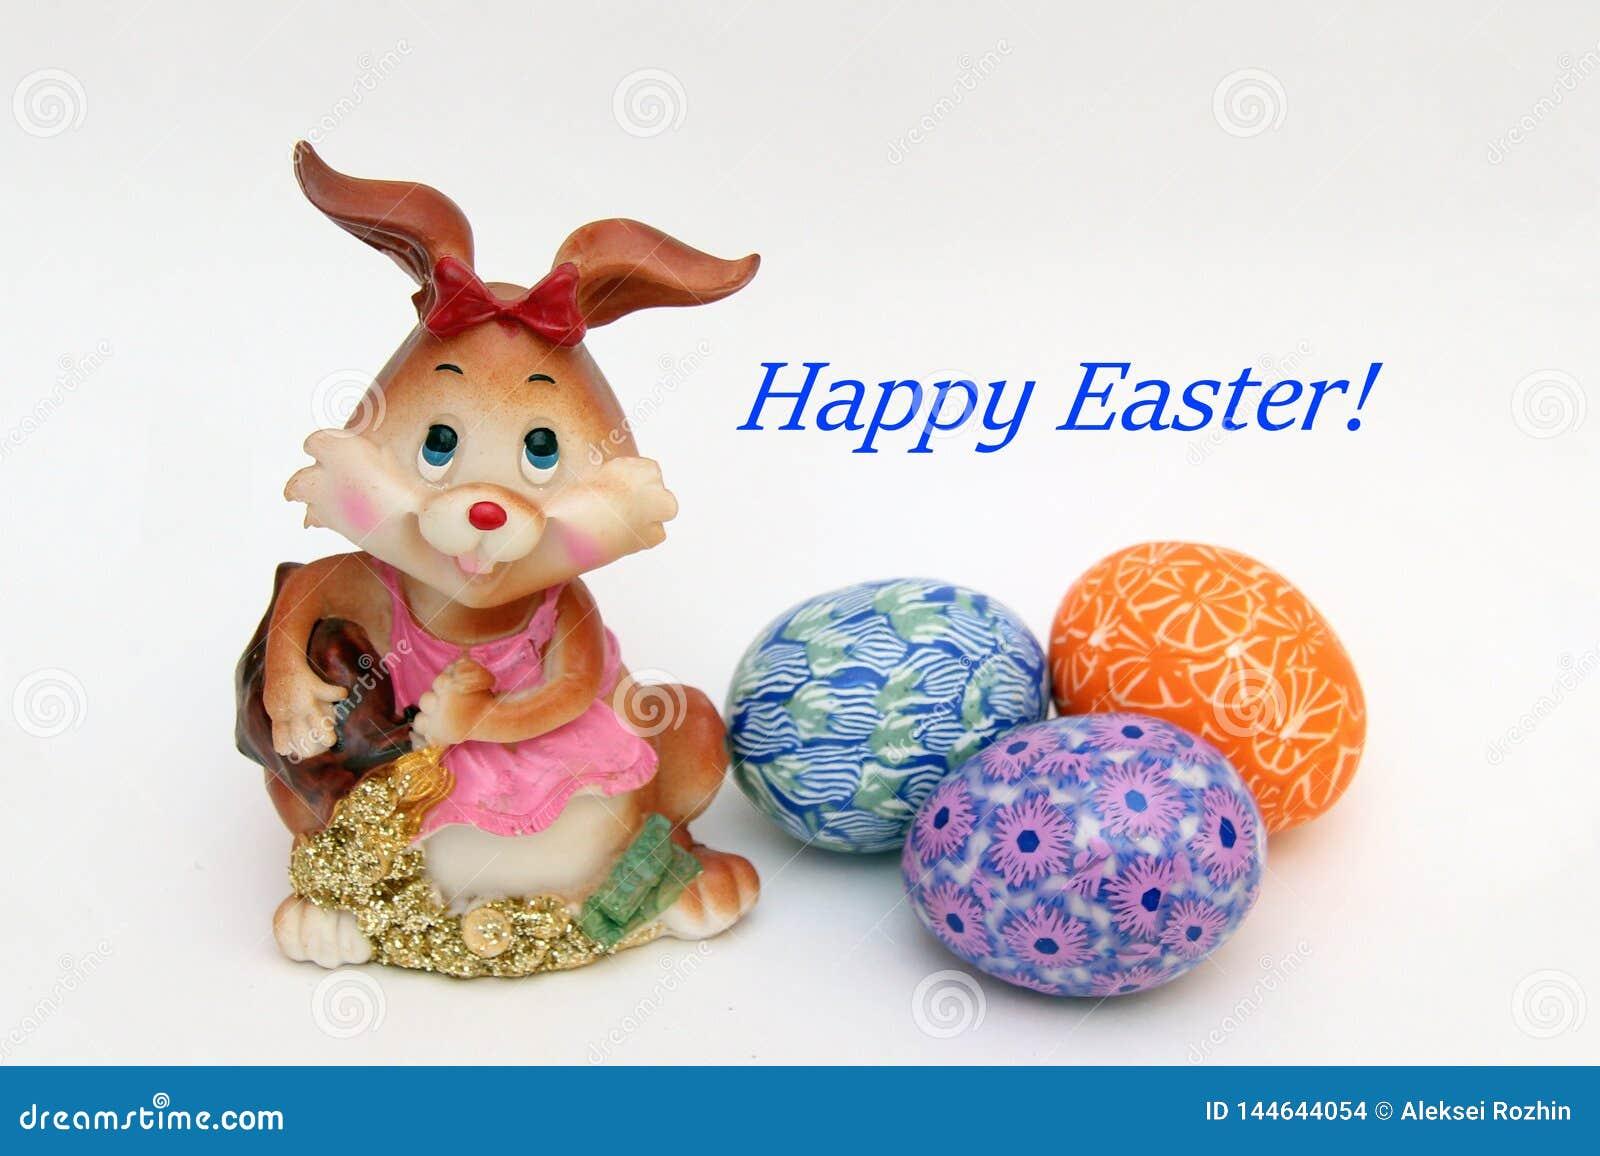 Osterhase und gemalte Eier - Ostern-Symbol